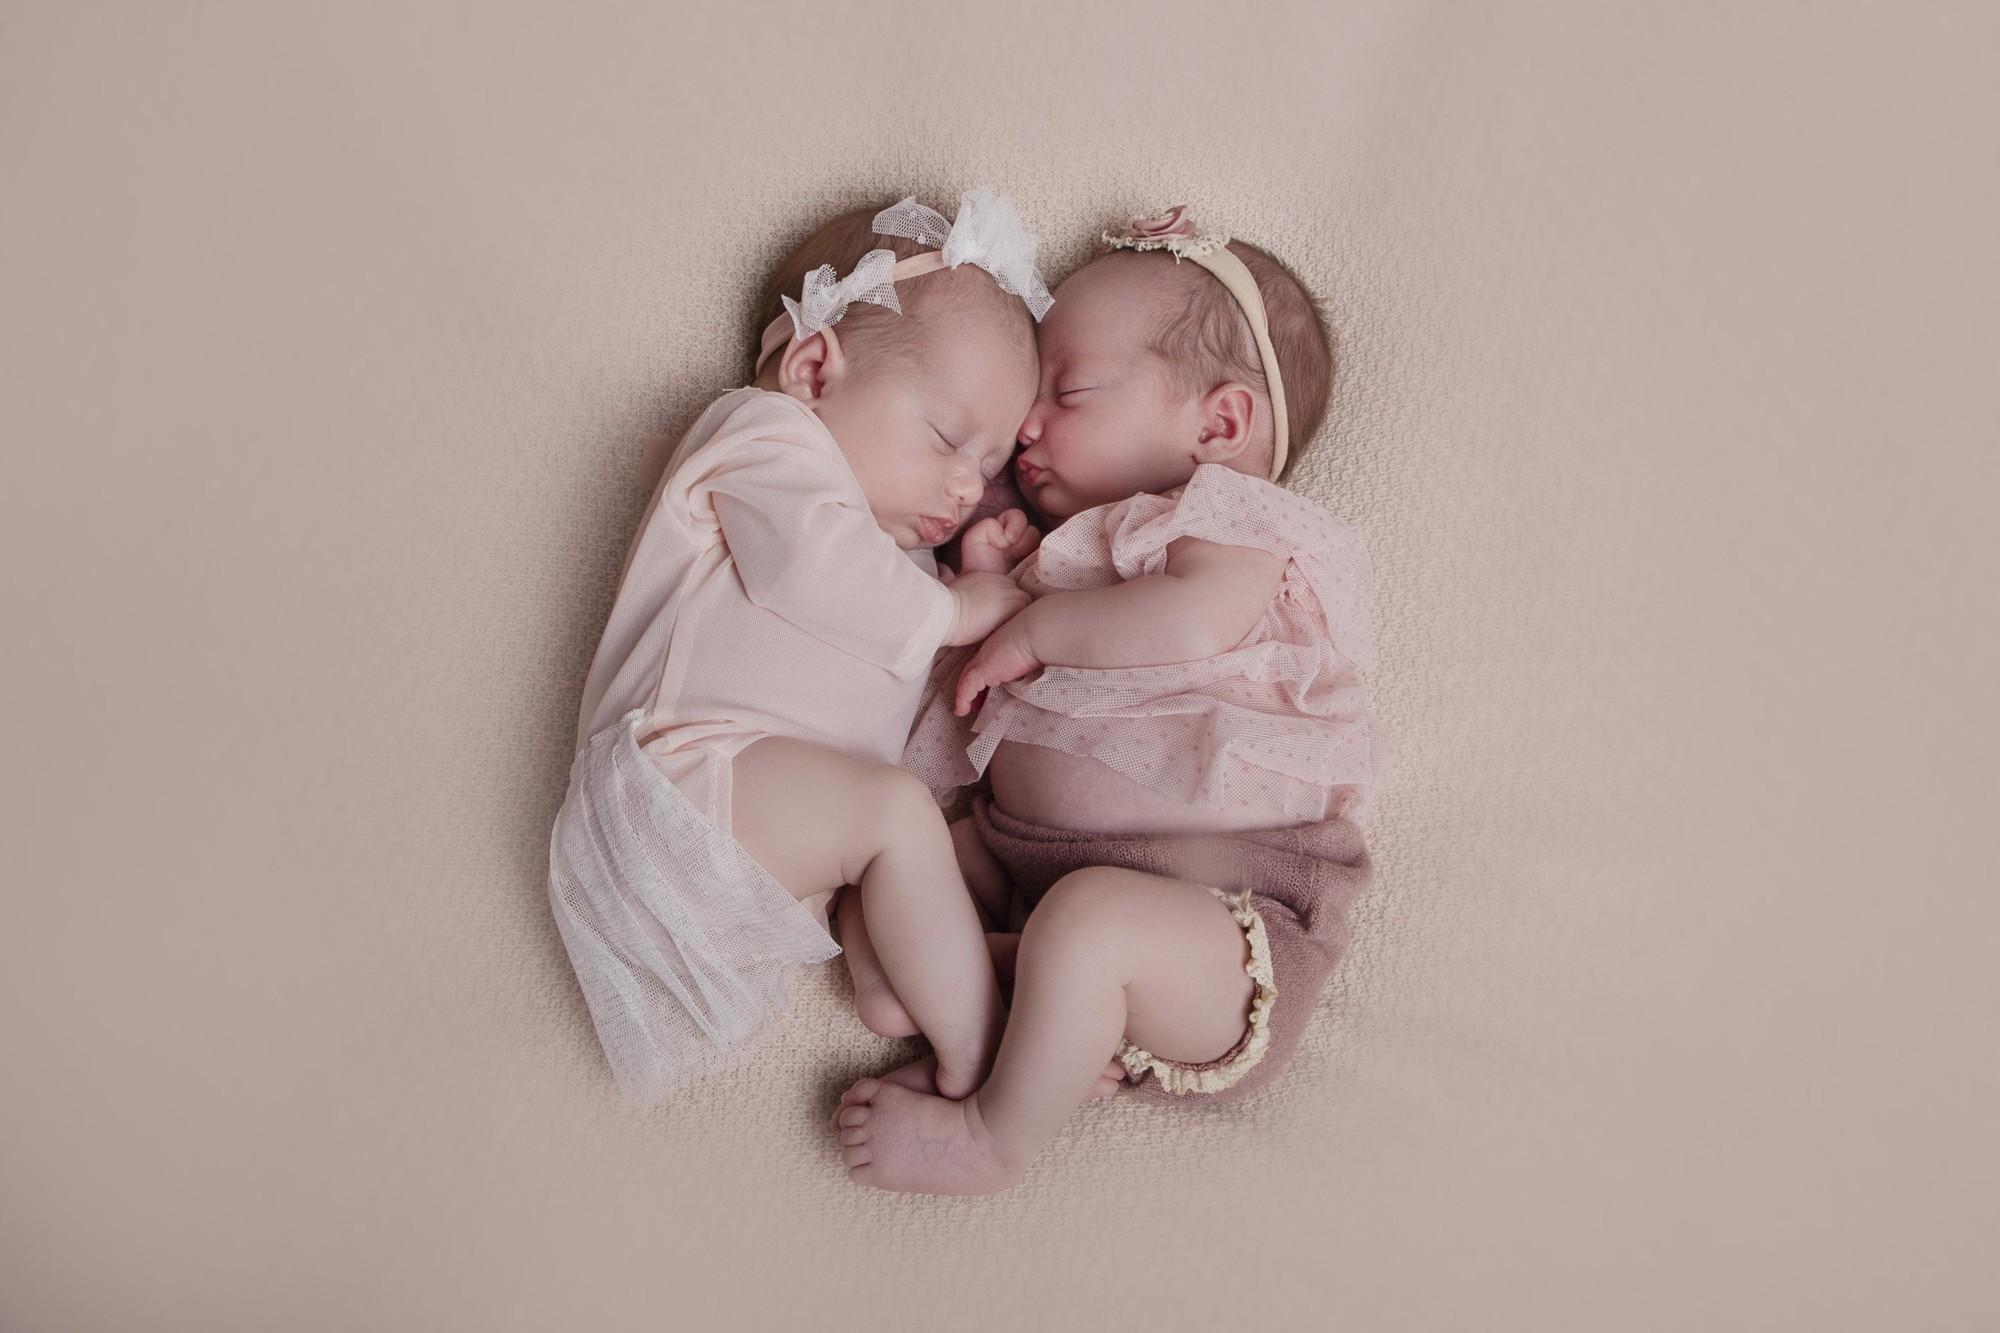 fotografos de bebes Málaga-6